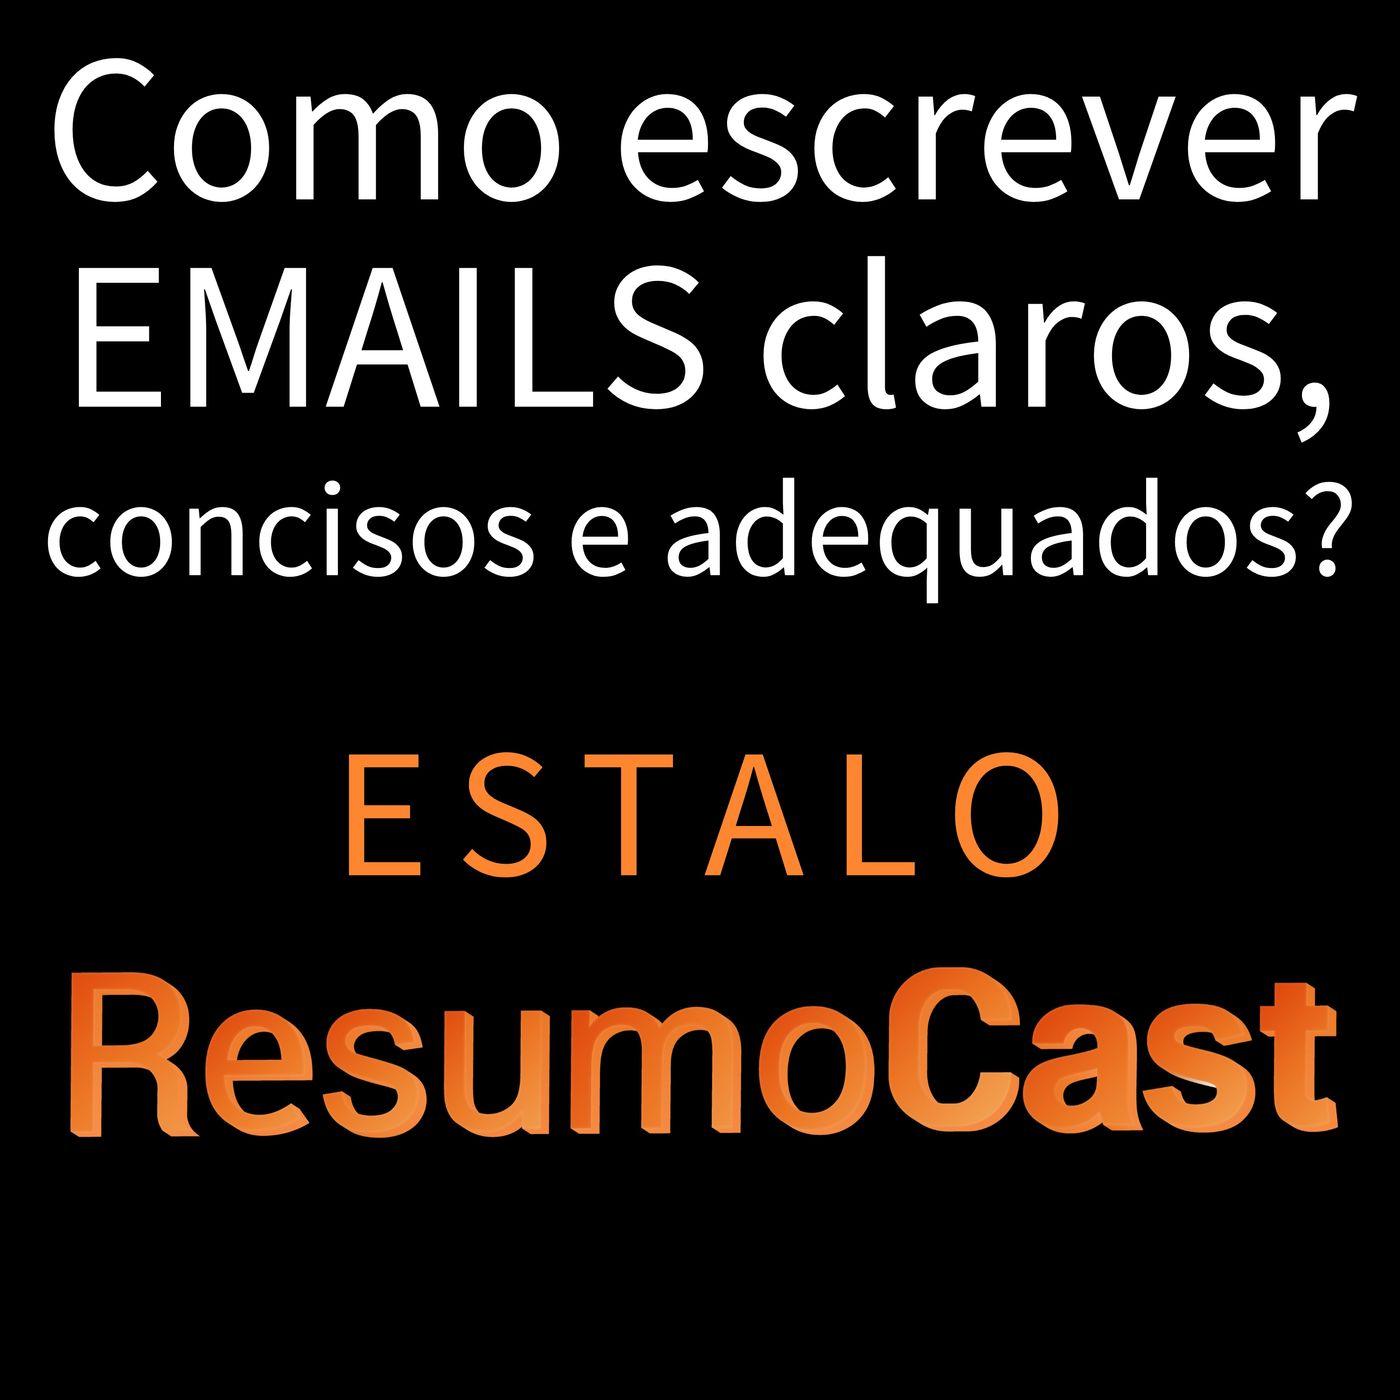 ESTALO | Como escrever emails claros concisos e adequados?